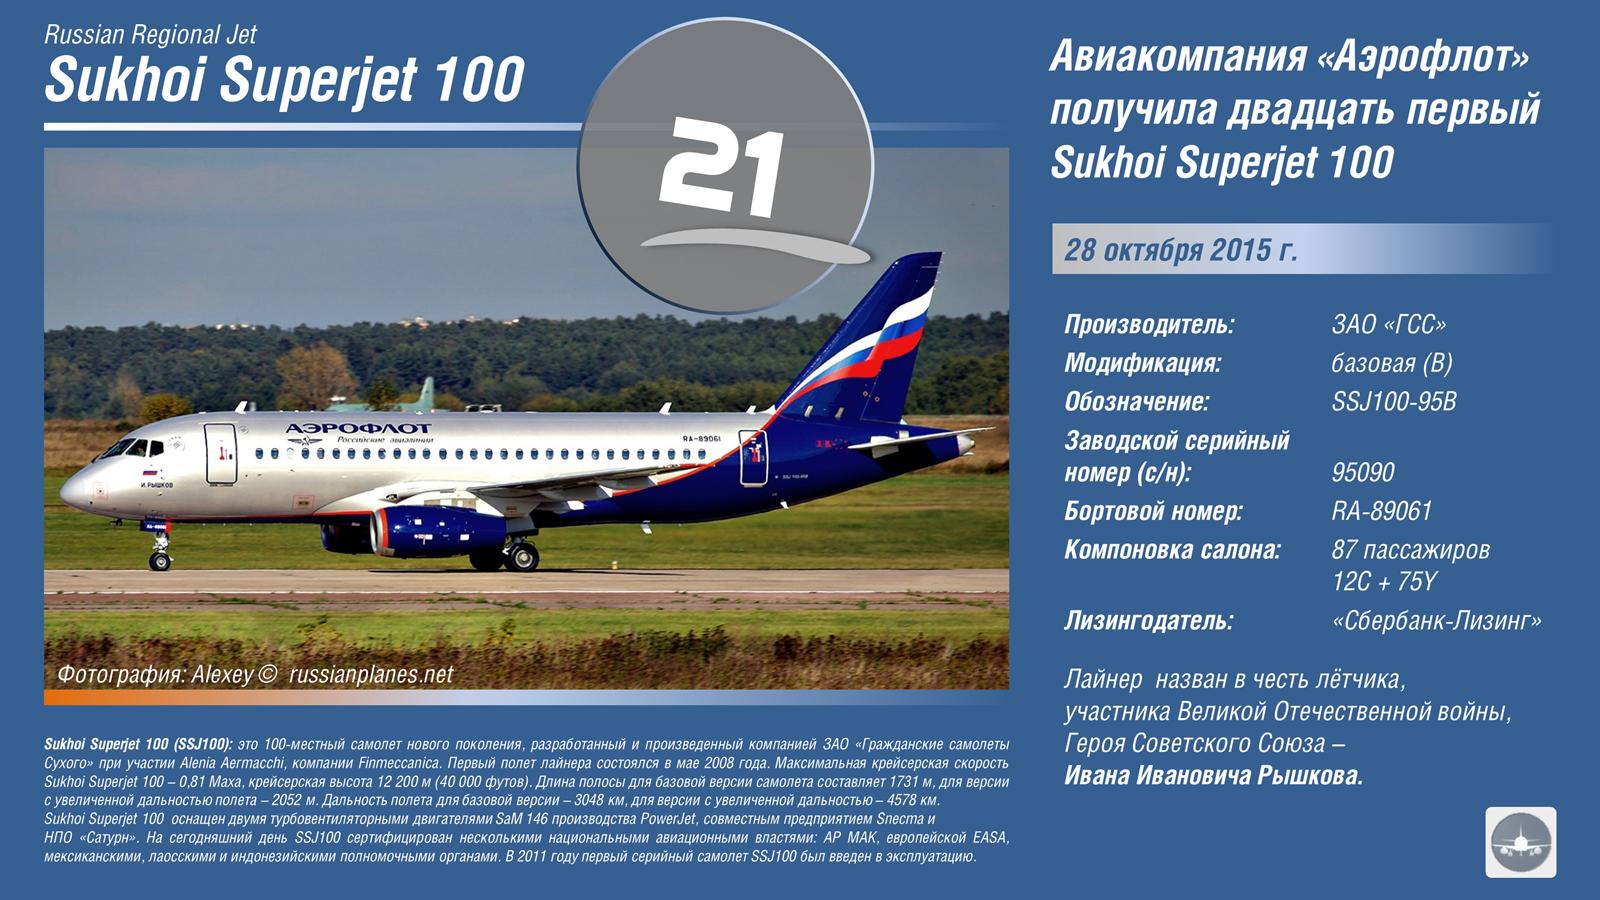 Sukhoi%20Superjet%20SSJ100%20RRJ95%20Aeroflot%20RA-89061.png